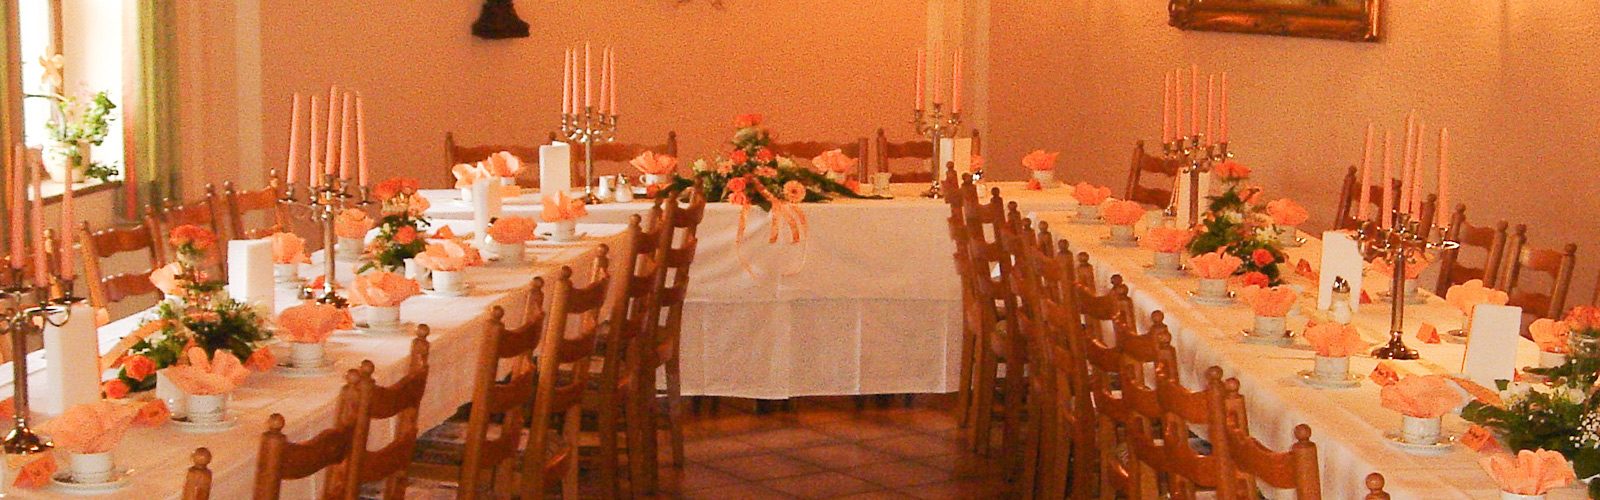 Hotel Wurzer - Restaurant Festtafel